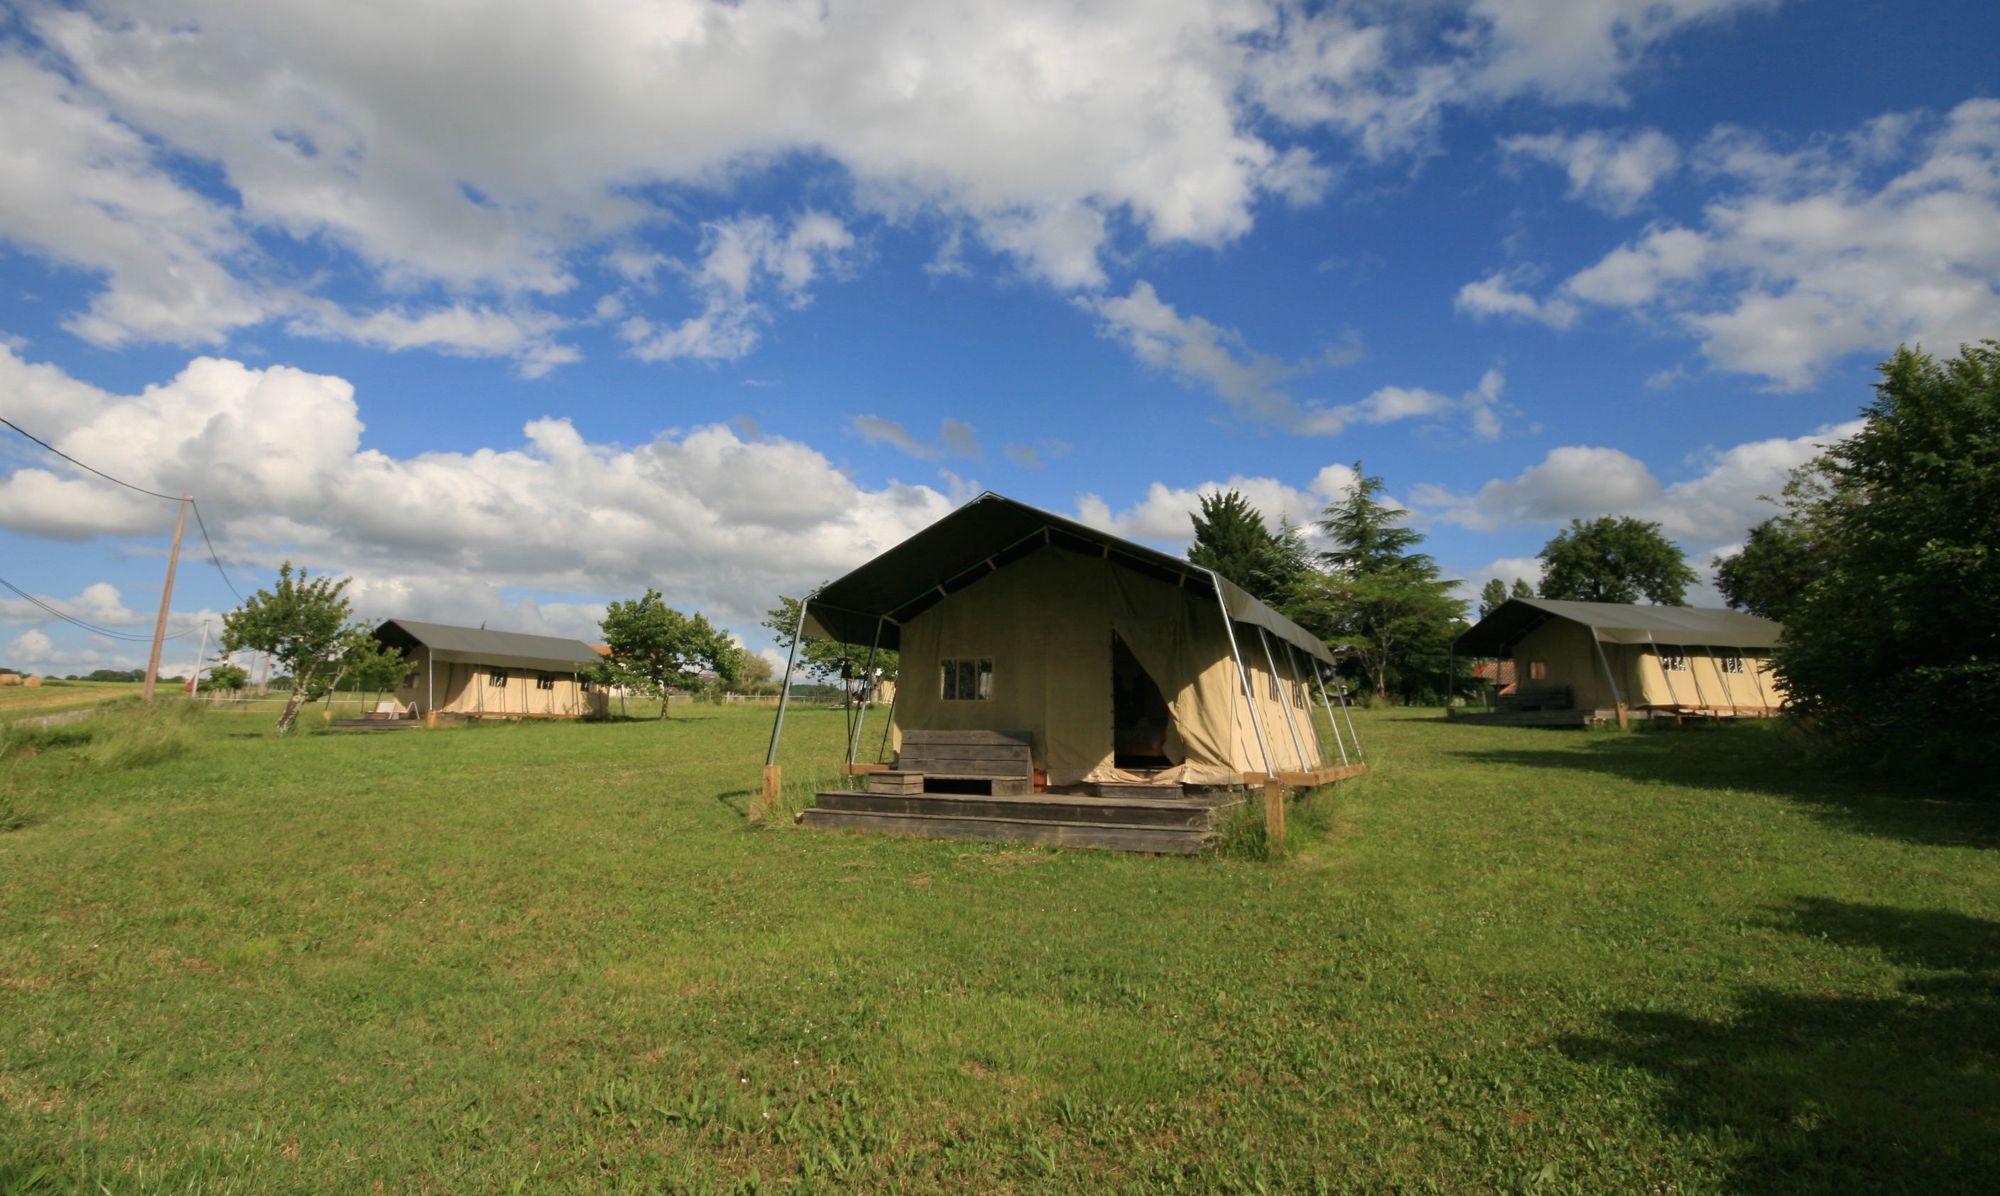 Safari Tent Glamping – The Best Safari Tent Retreats